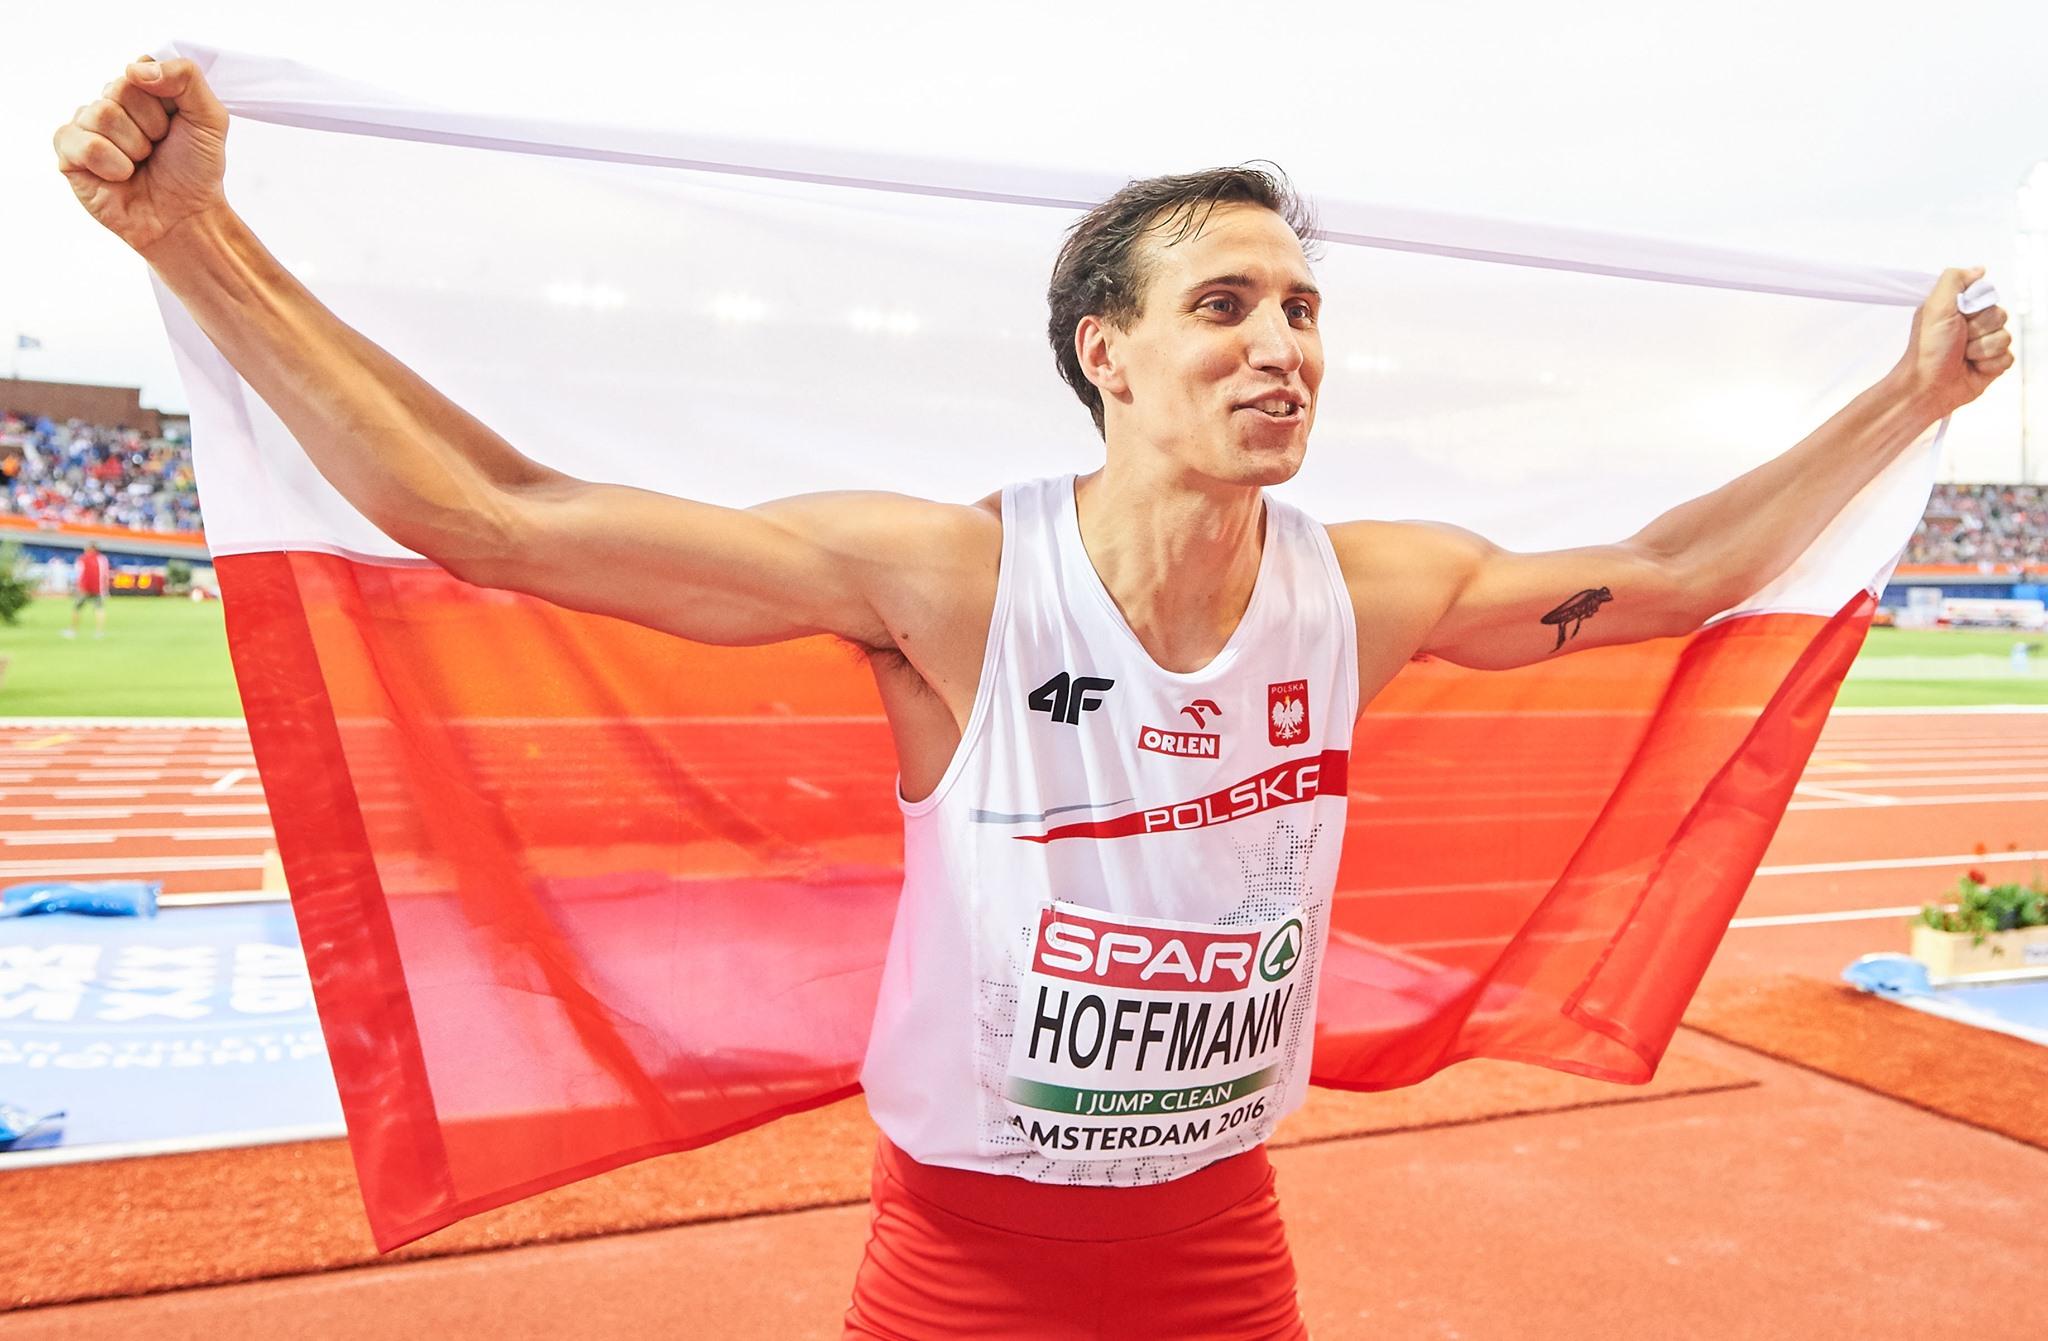 Spotkanie z gwiazdami w Centrum Historii Sportu: Karol i Zdzisław Hoffmannowie